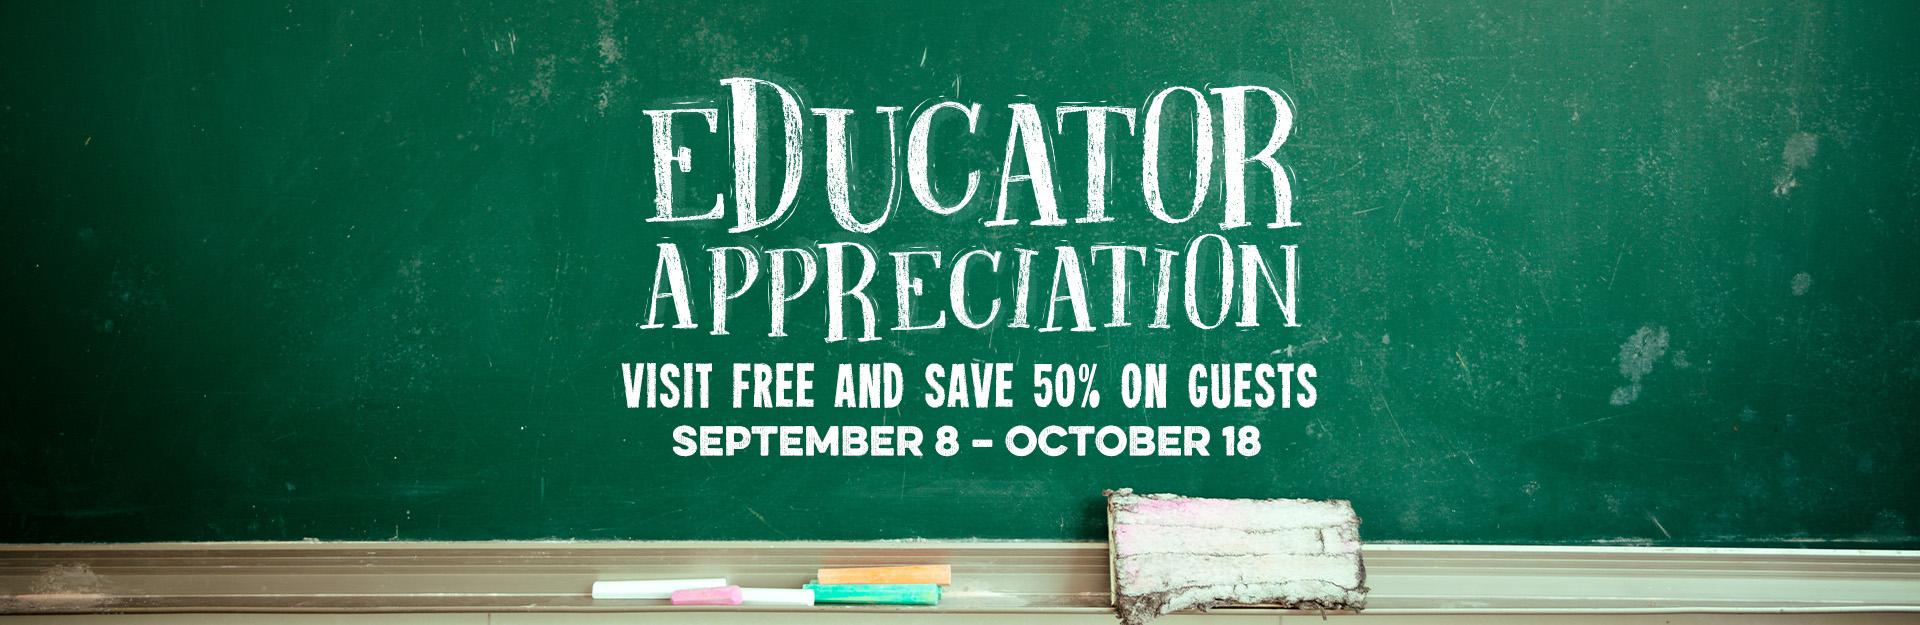 Educator Appreciation Image